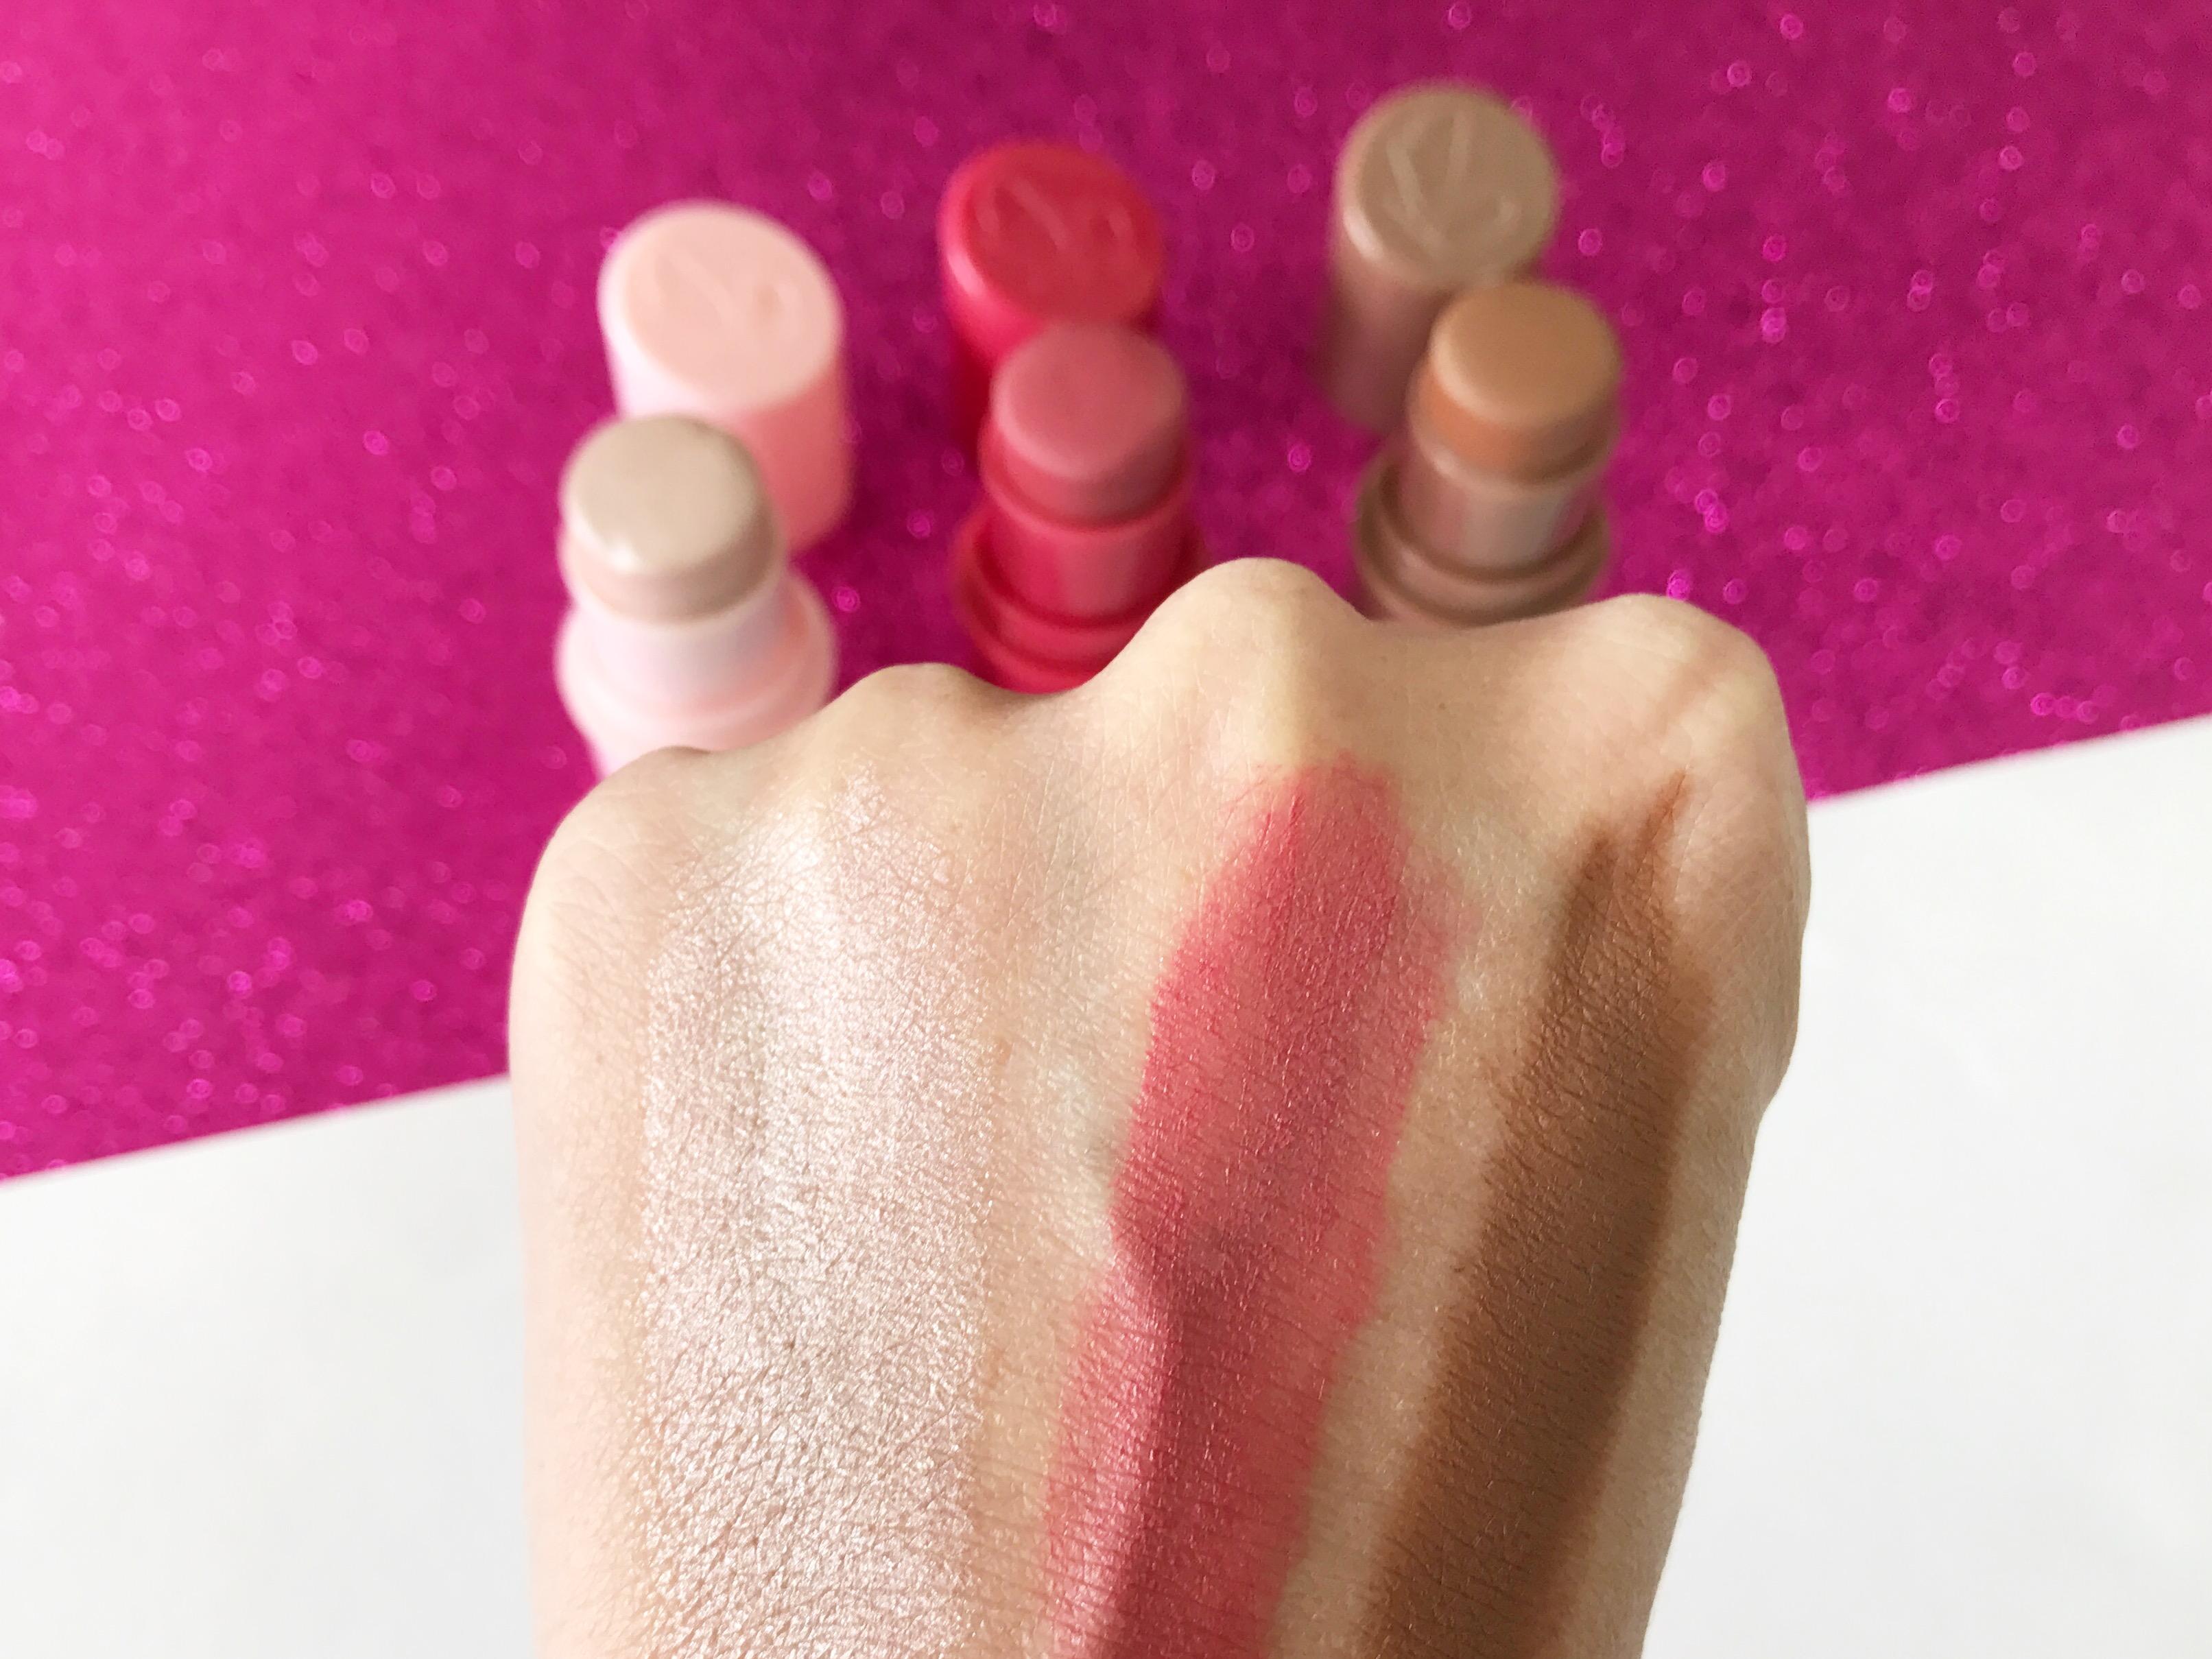 resenha-stick-vult-blush-iluminador-contorno-giuli-castro